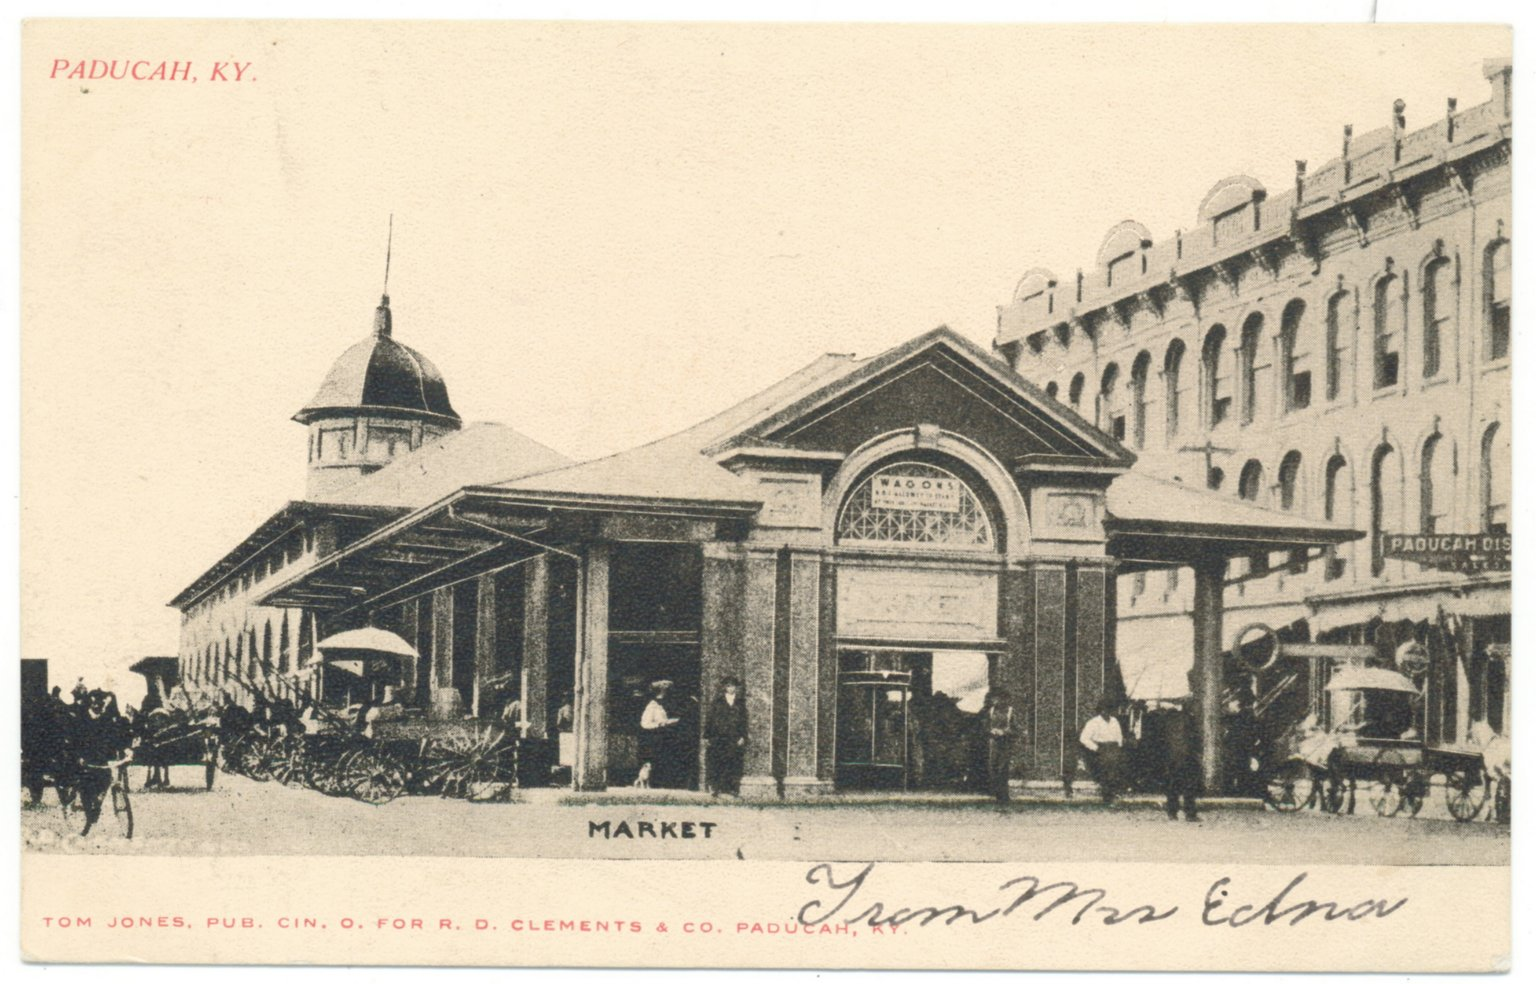 Market Building-Paducah, KY.